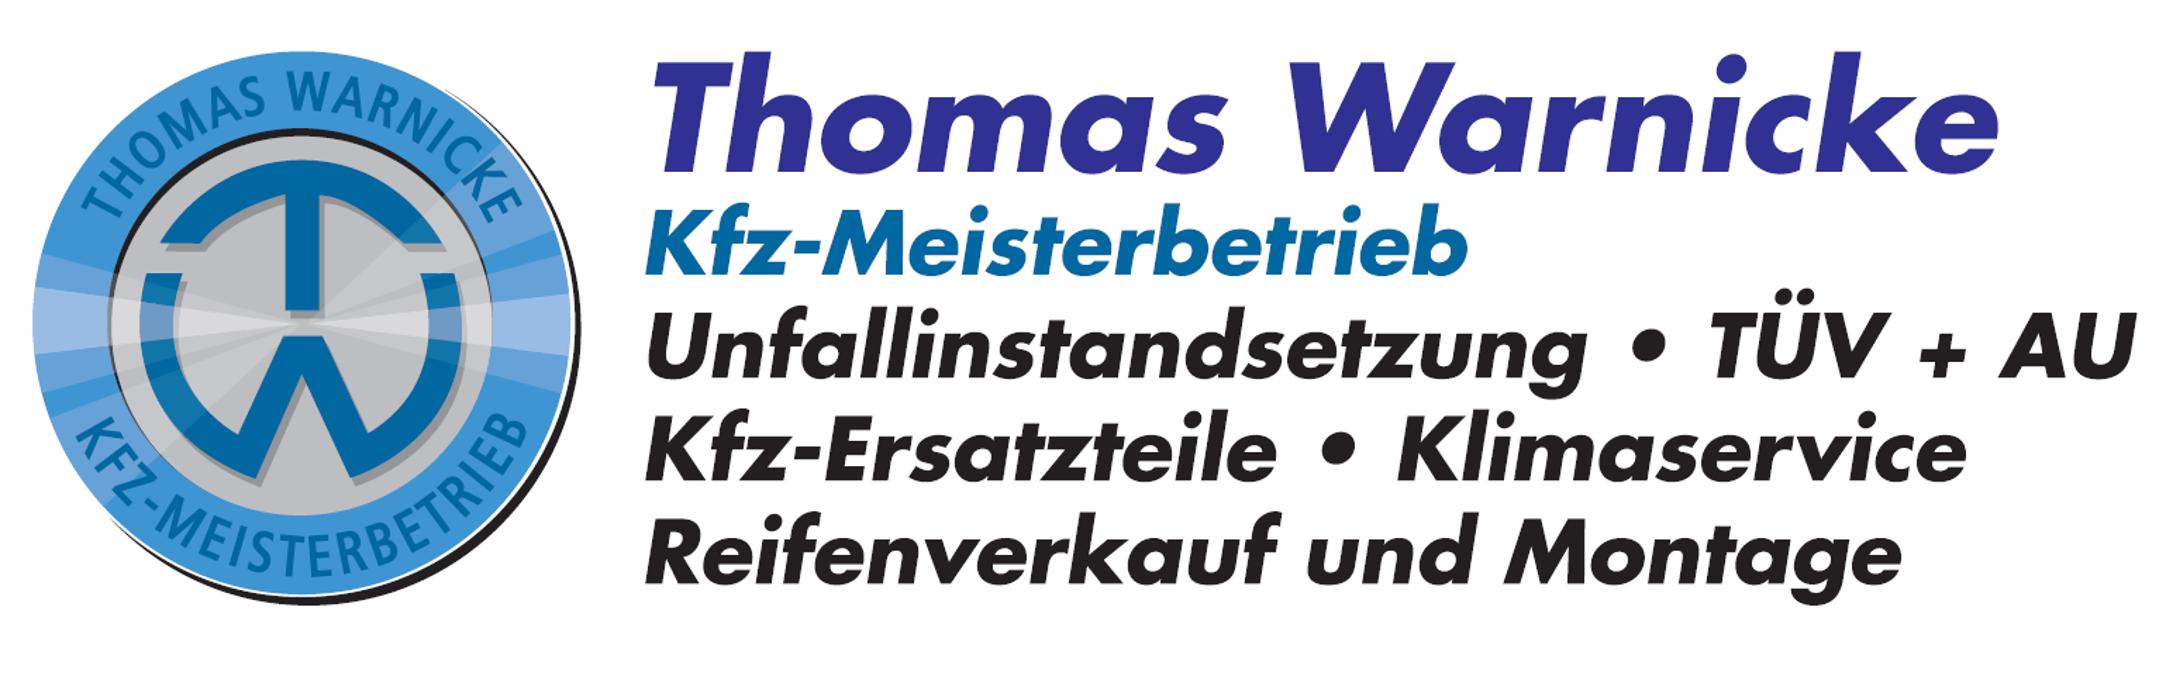 Logo von TT Warnicke GmbH